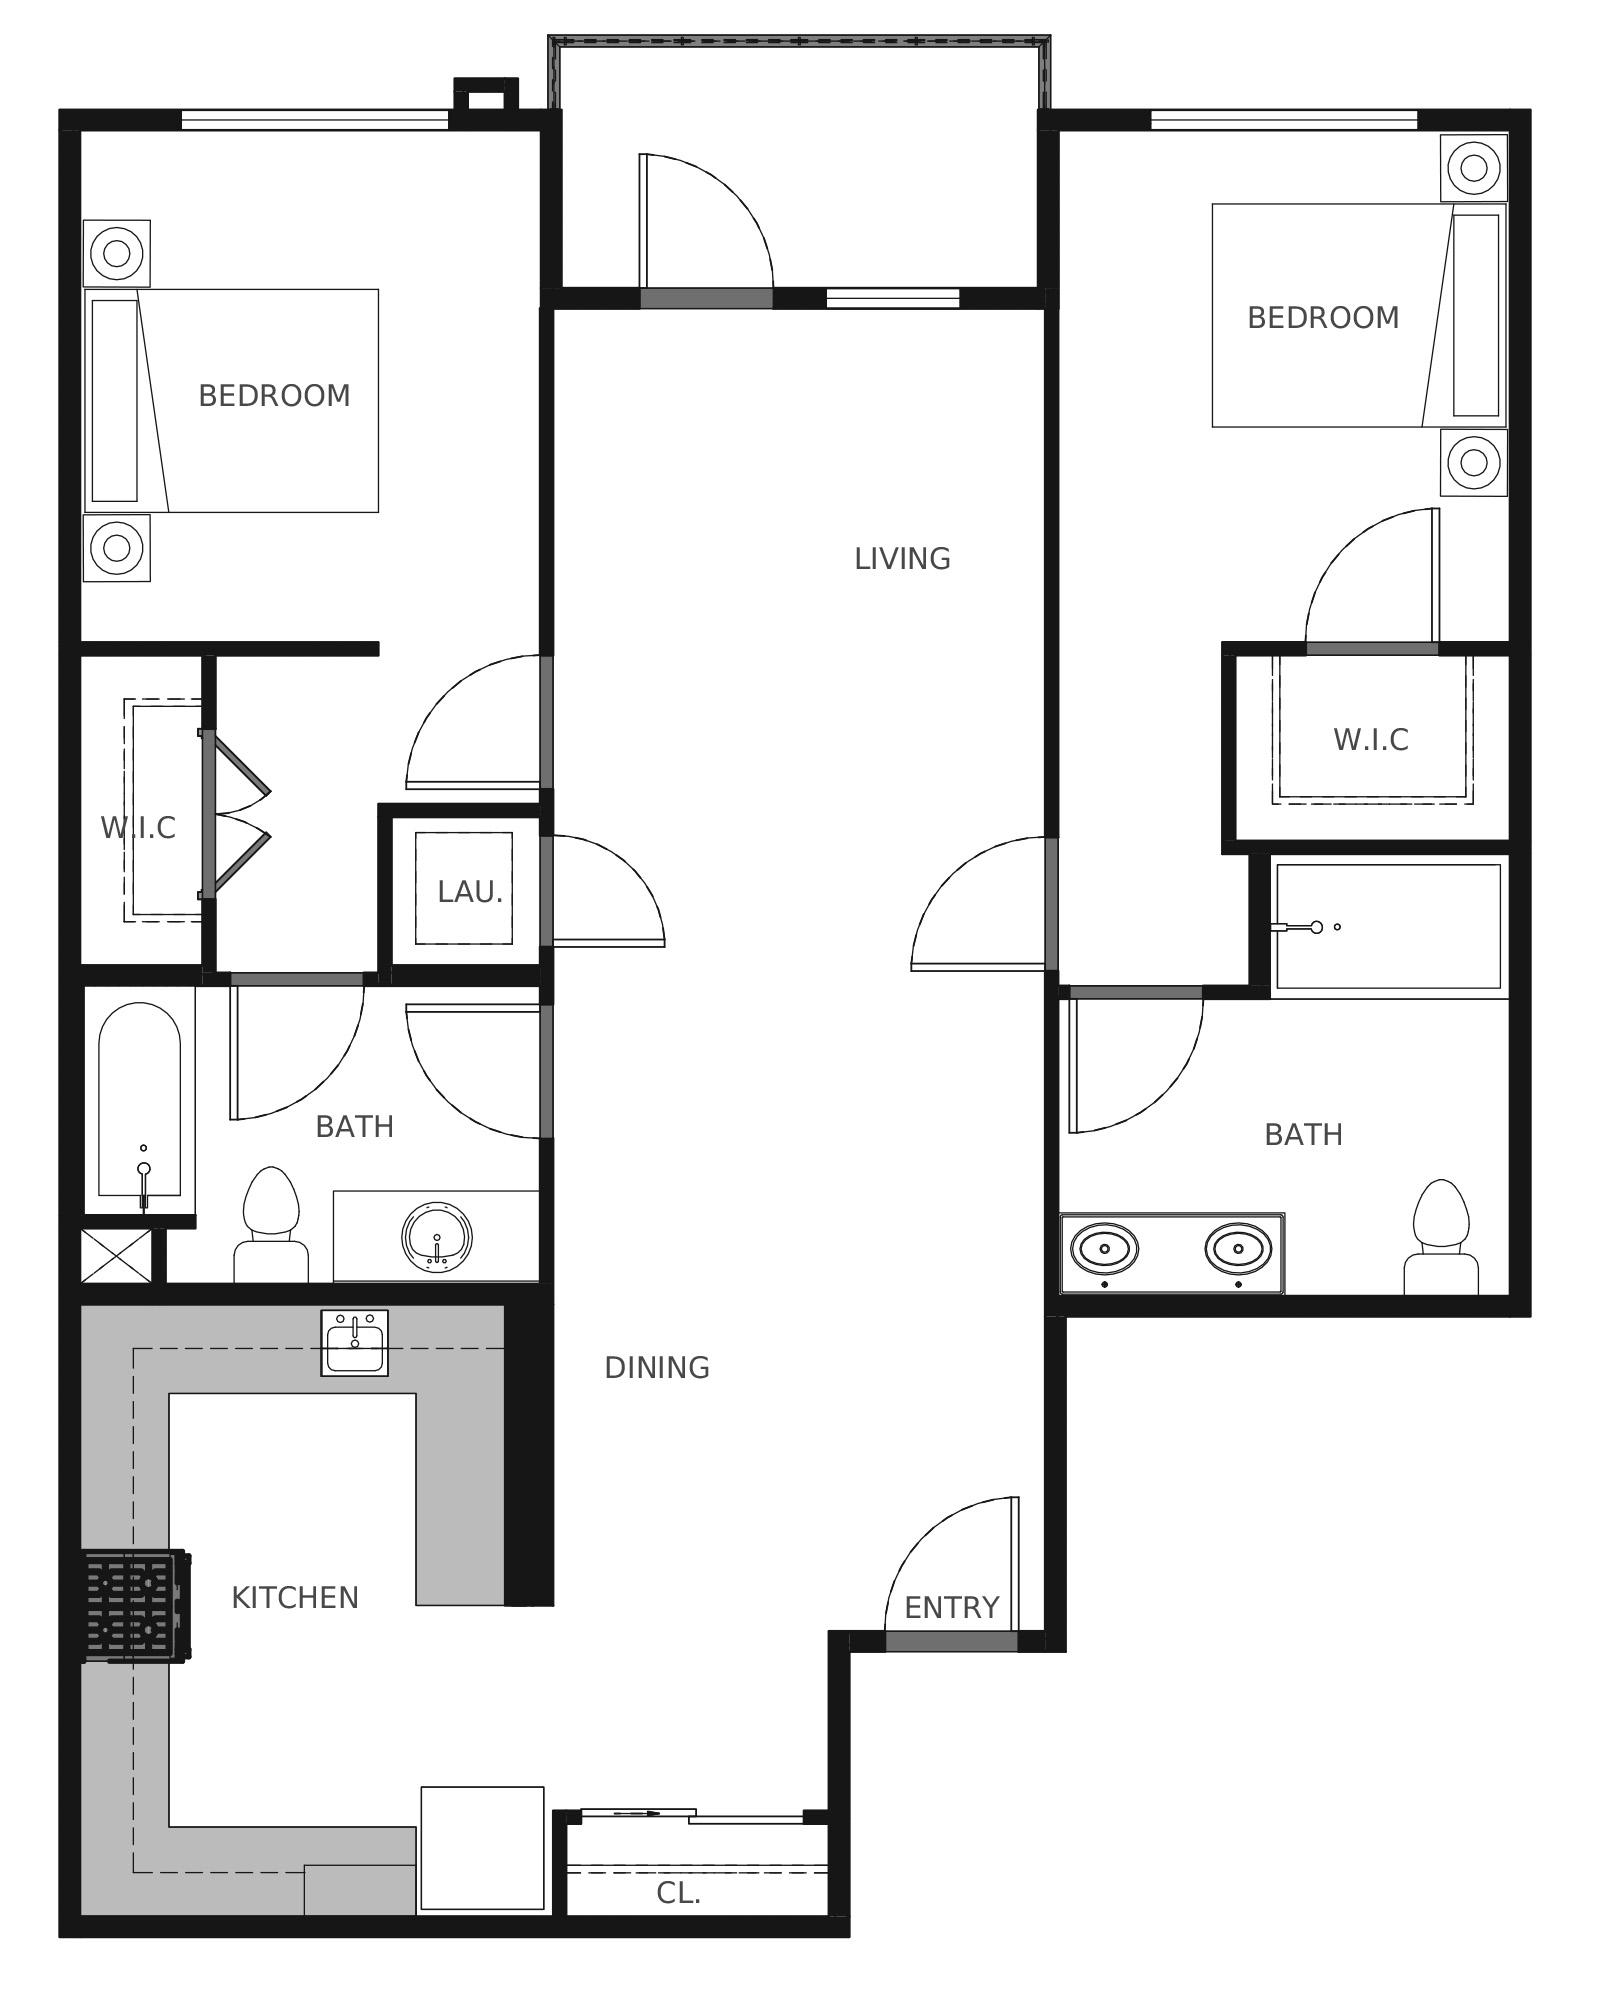 Plan B6 - 1,046 sq. ft.